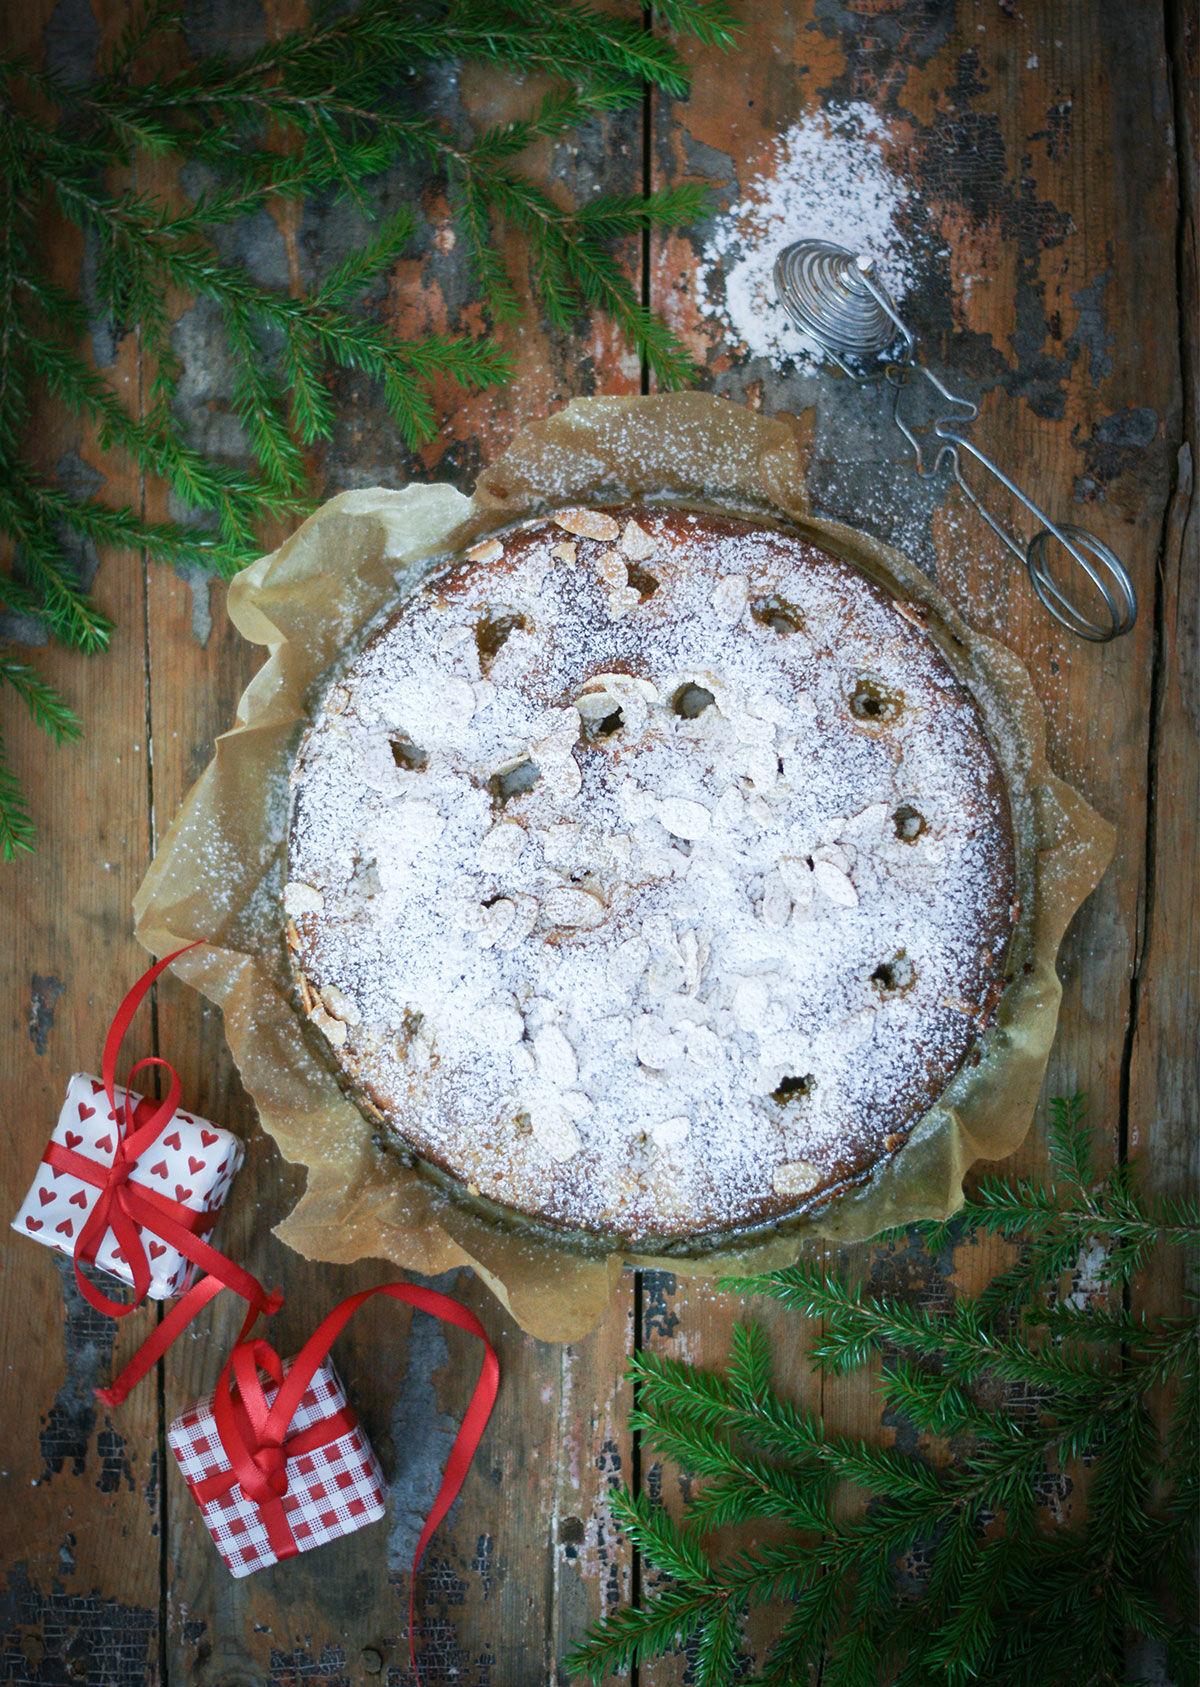 Saffranskaka med vaniljkräm på träbord, med granris och små julklappar